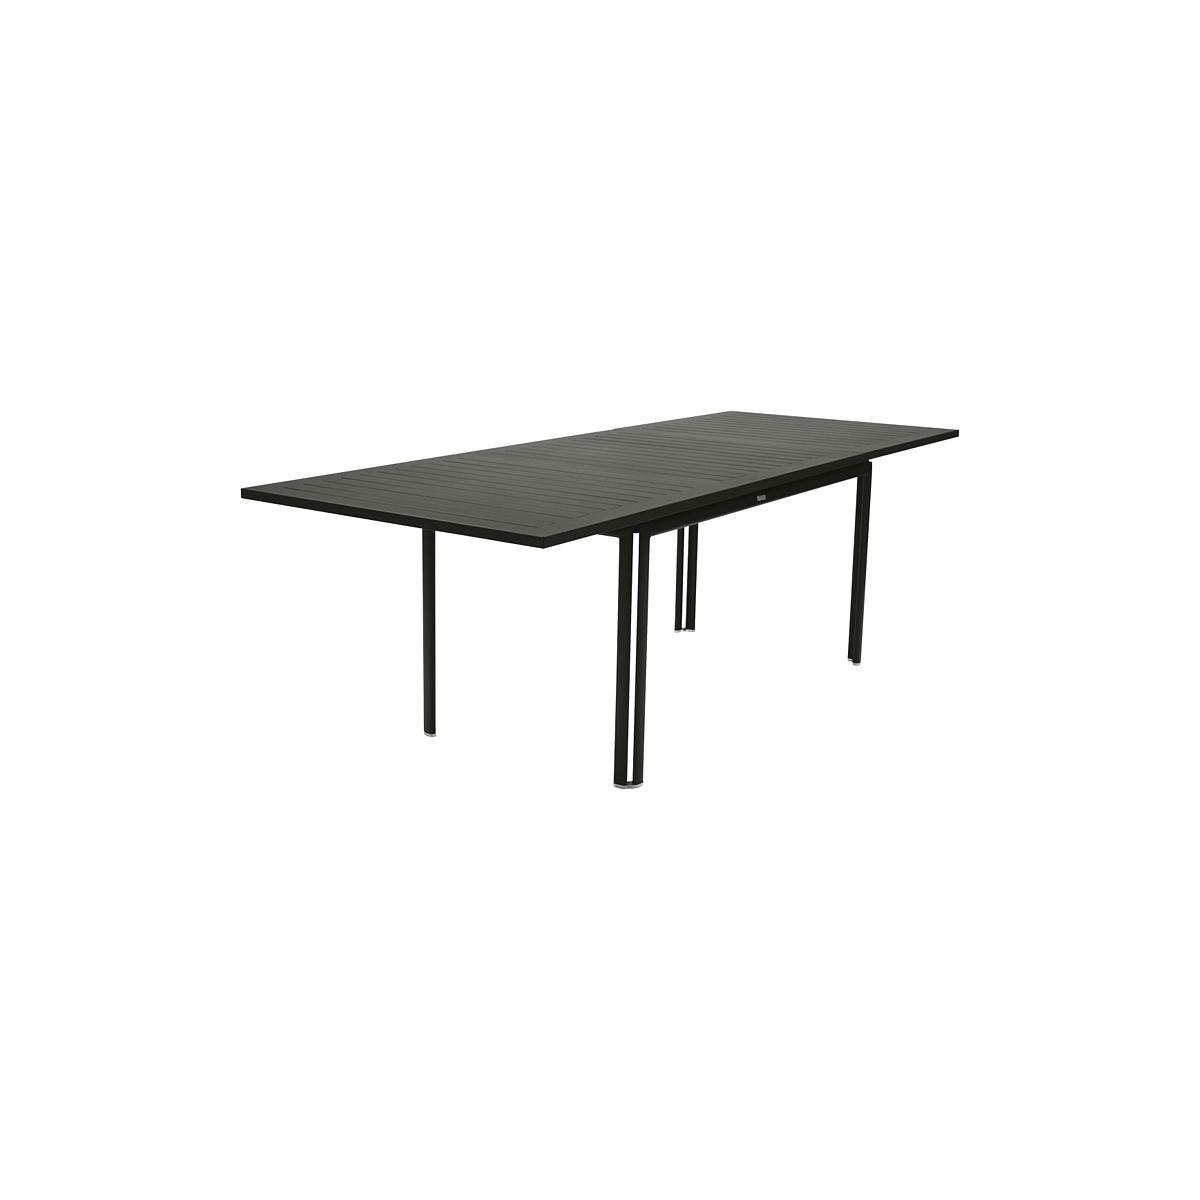 Table à allonge COSTA Fermob romarin